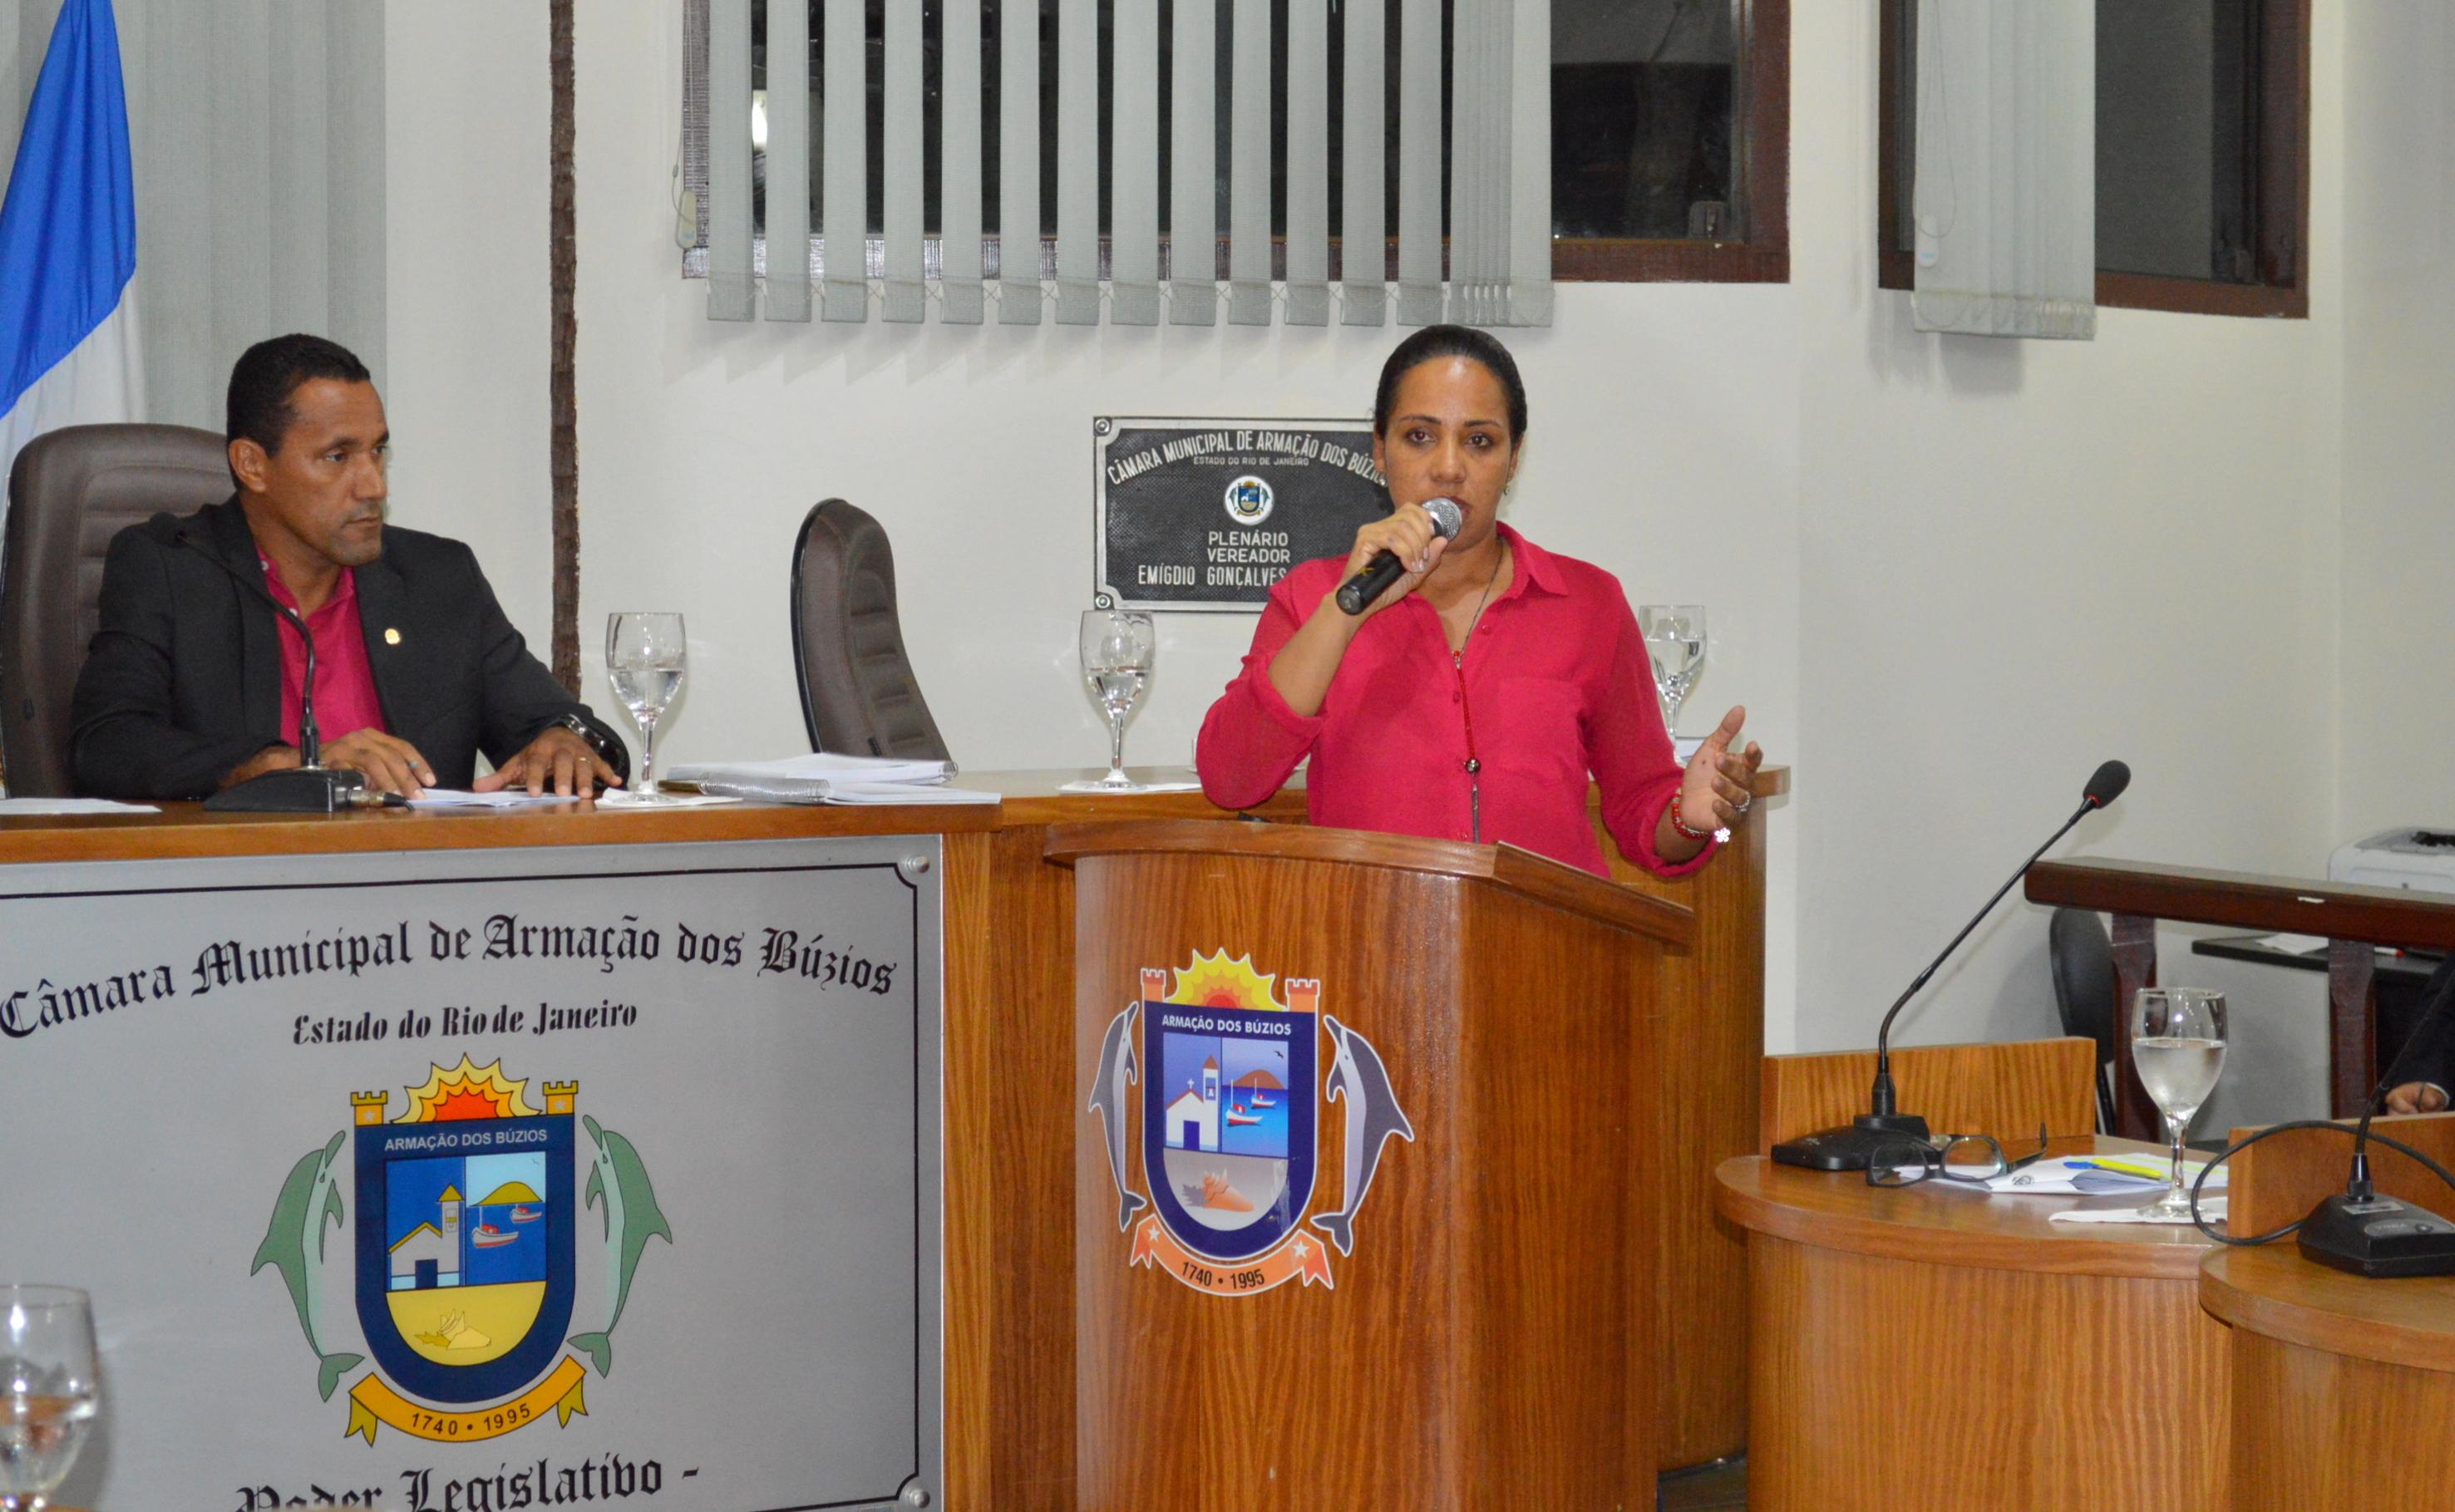 Câmara de Búzios Propõe Reajuste de 7% aos Servidores do Legislativo